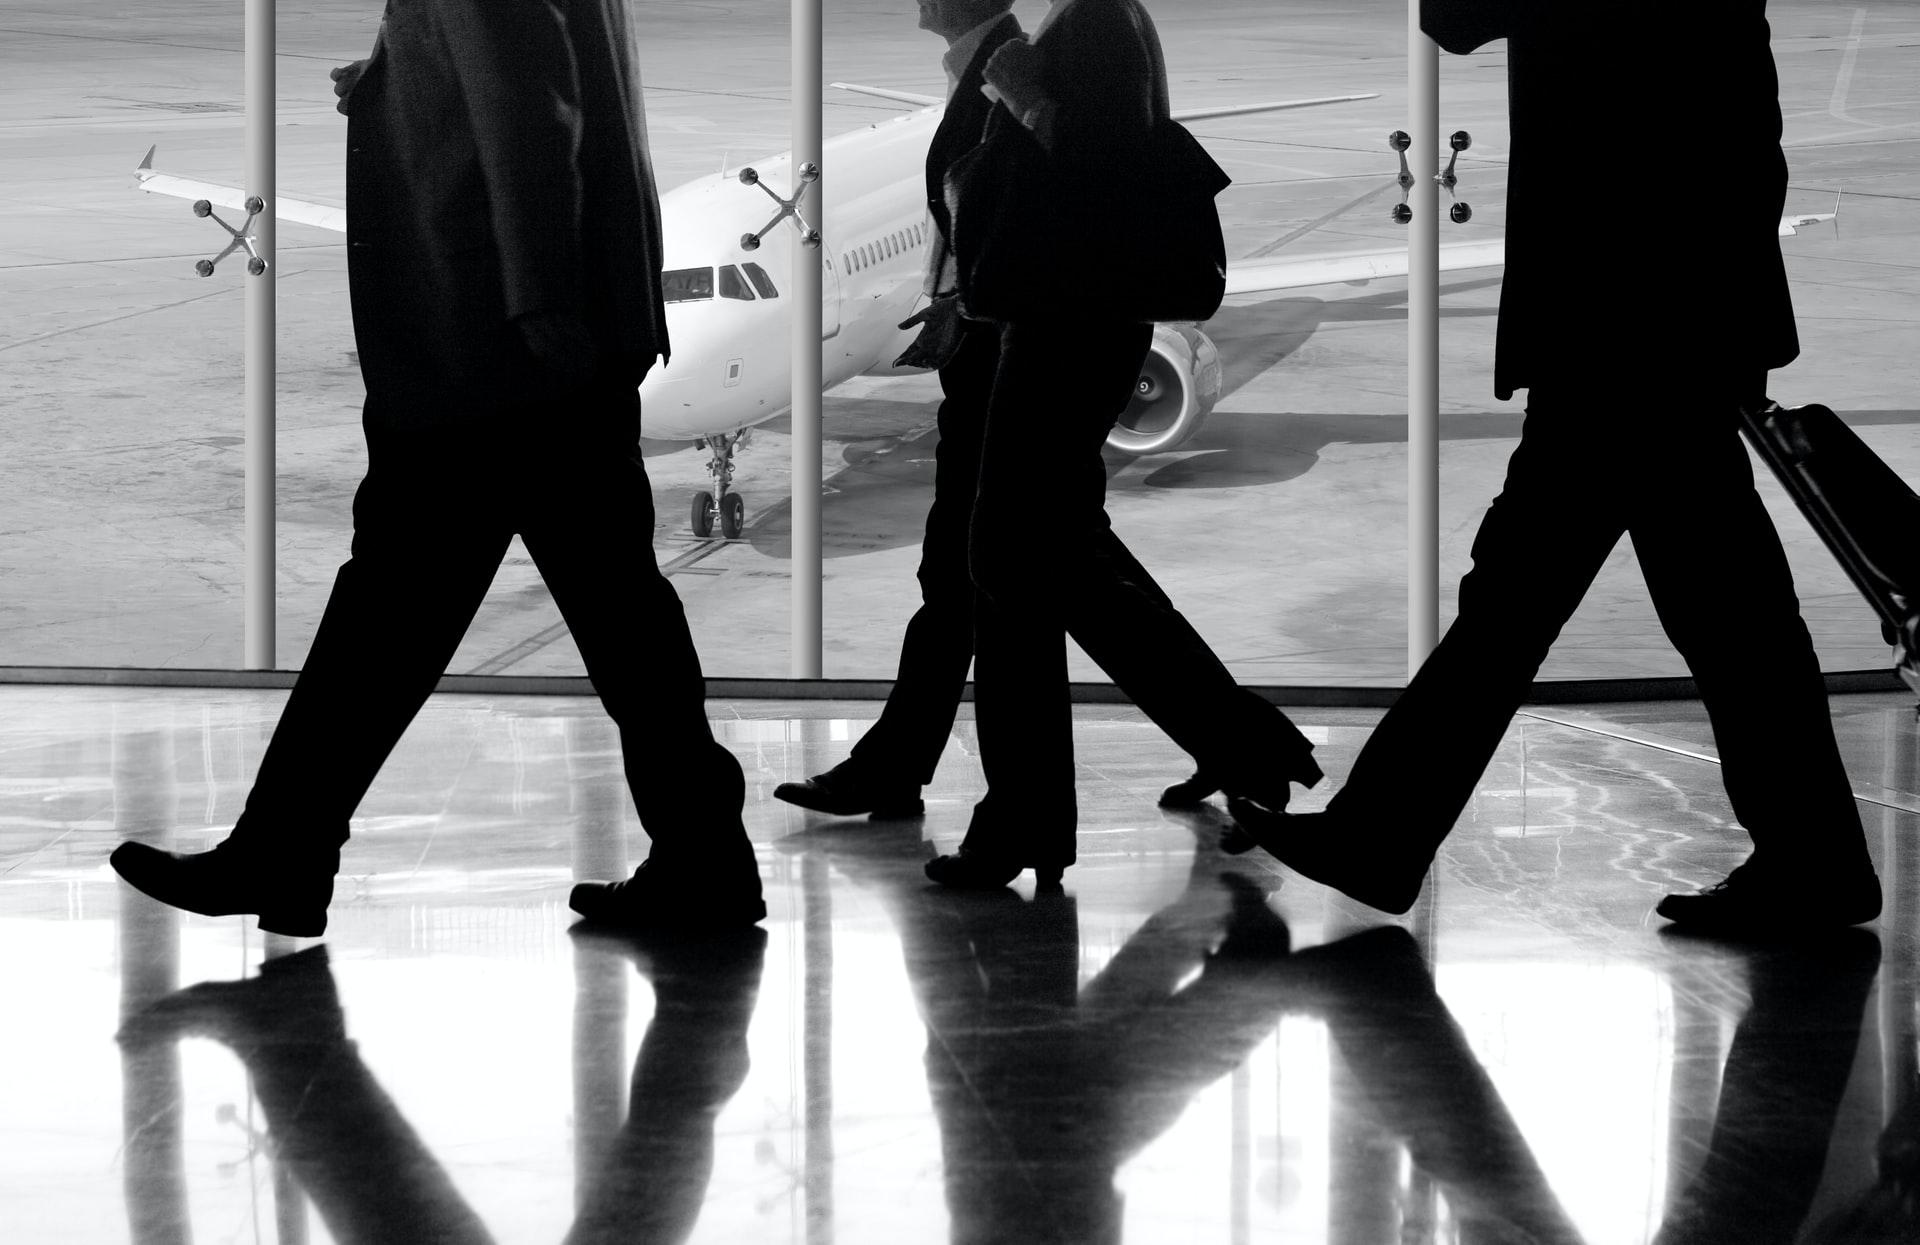 Personnes marchant dans un aéroport